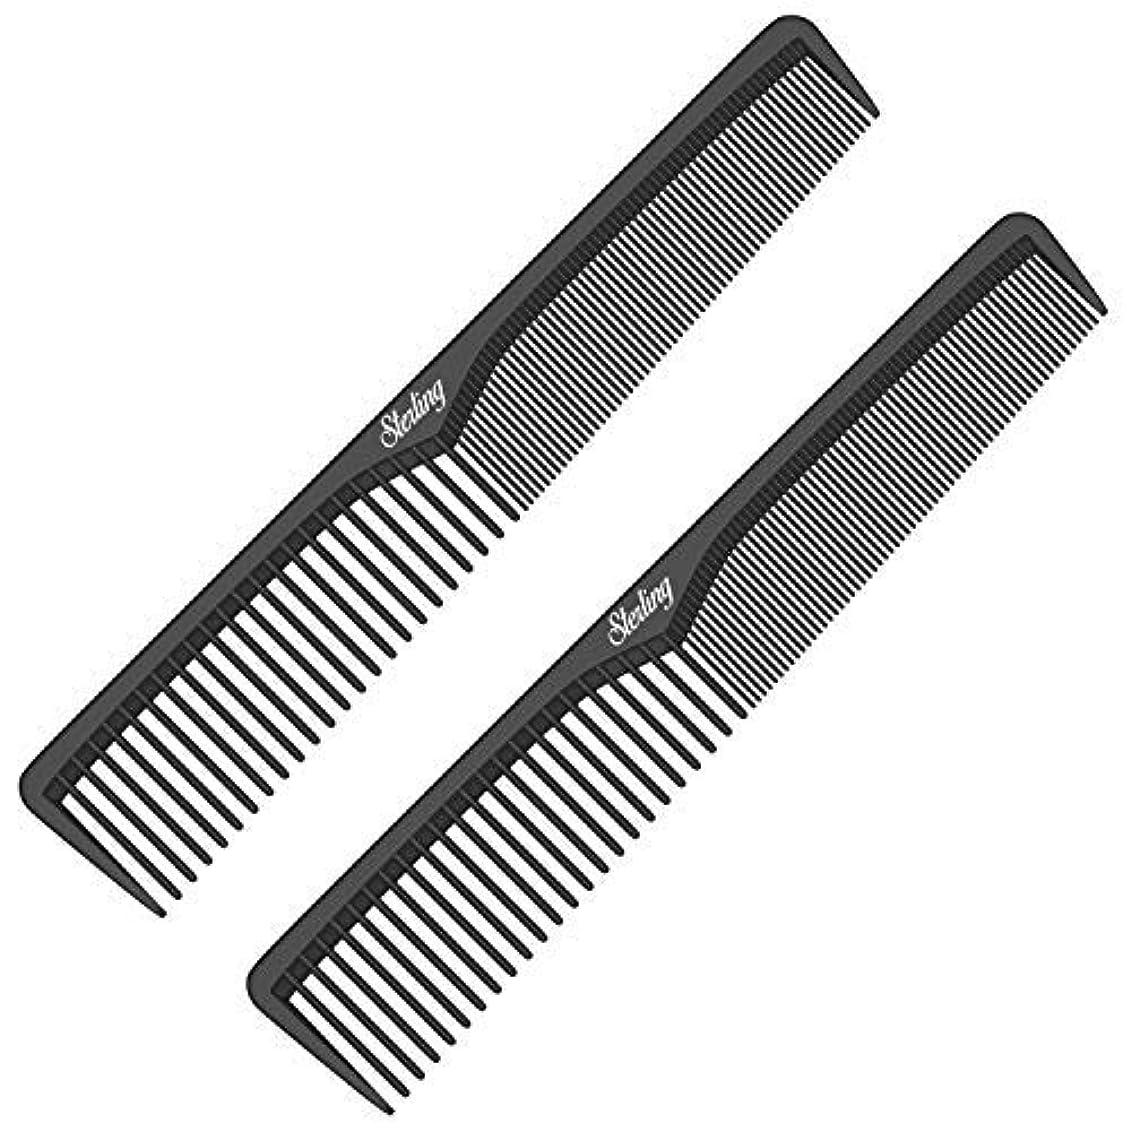 司書ヒューズ音Styling Comb (2 Pack) | Professional 7  Black Carbon Fiber Anti Static Chemical And Heat Resistant Combs For All...